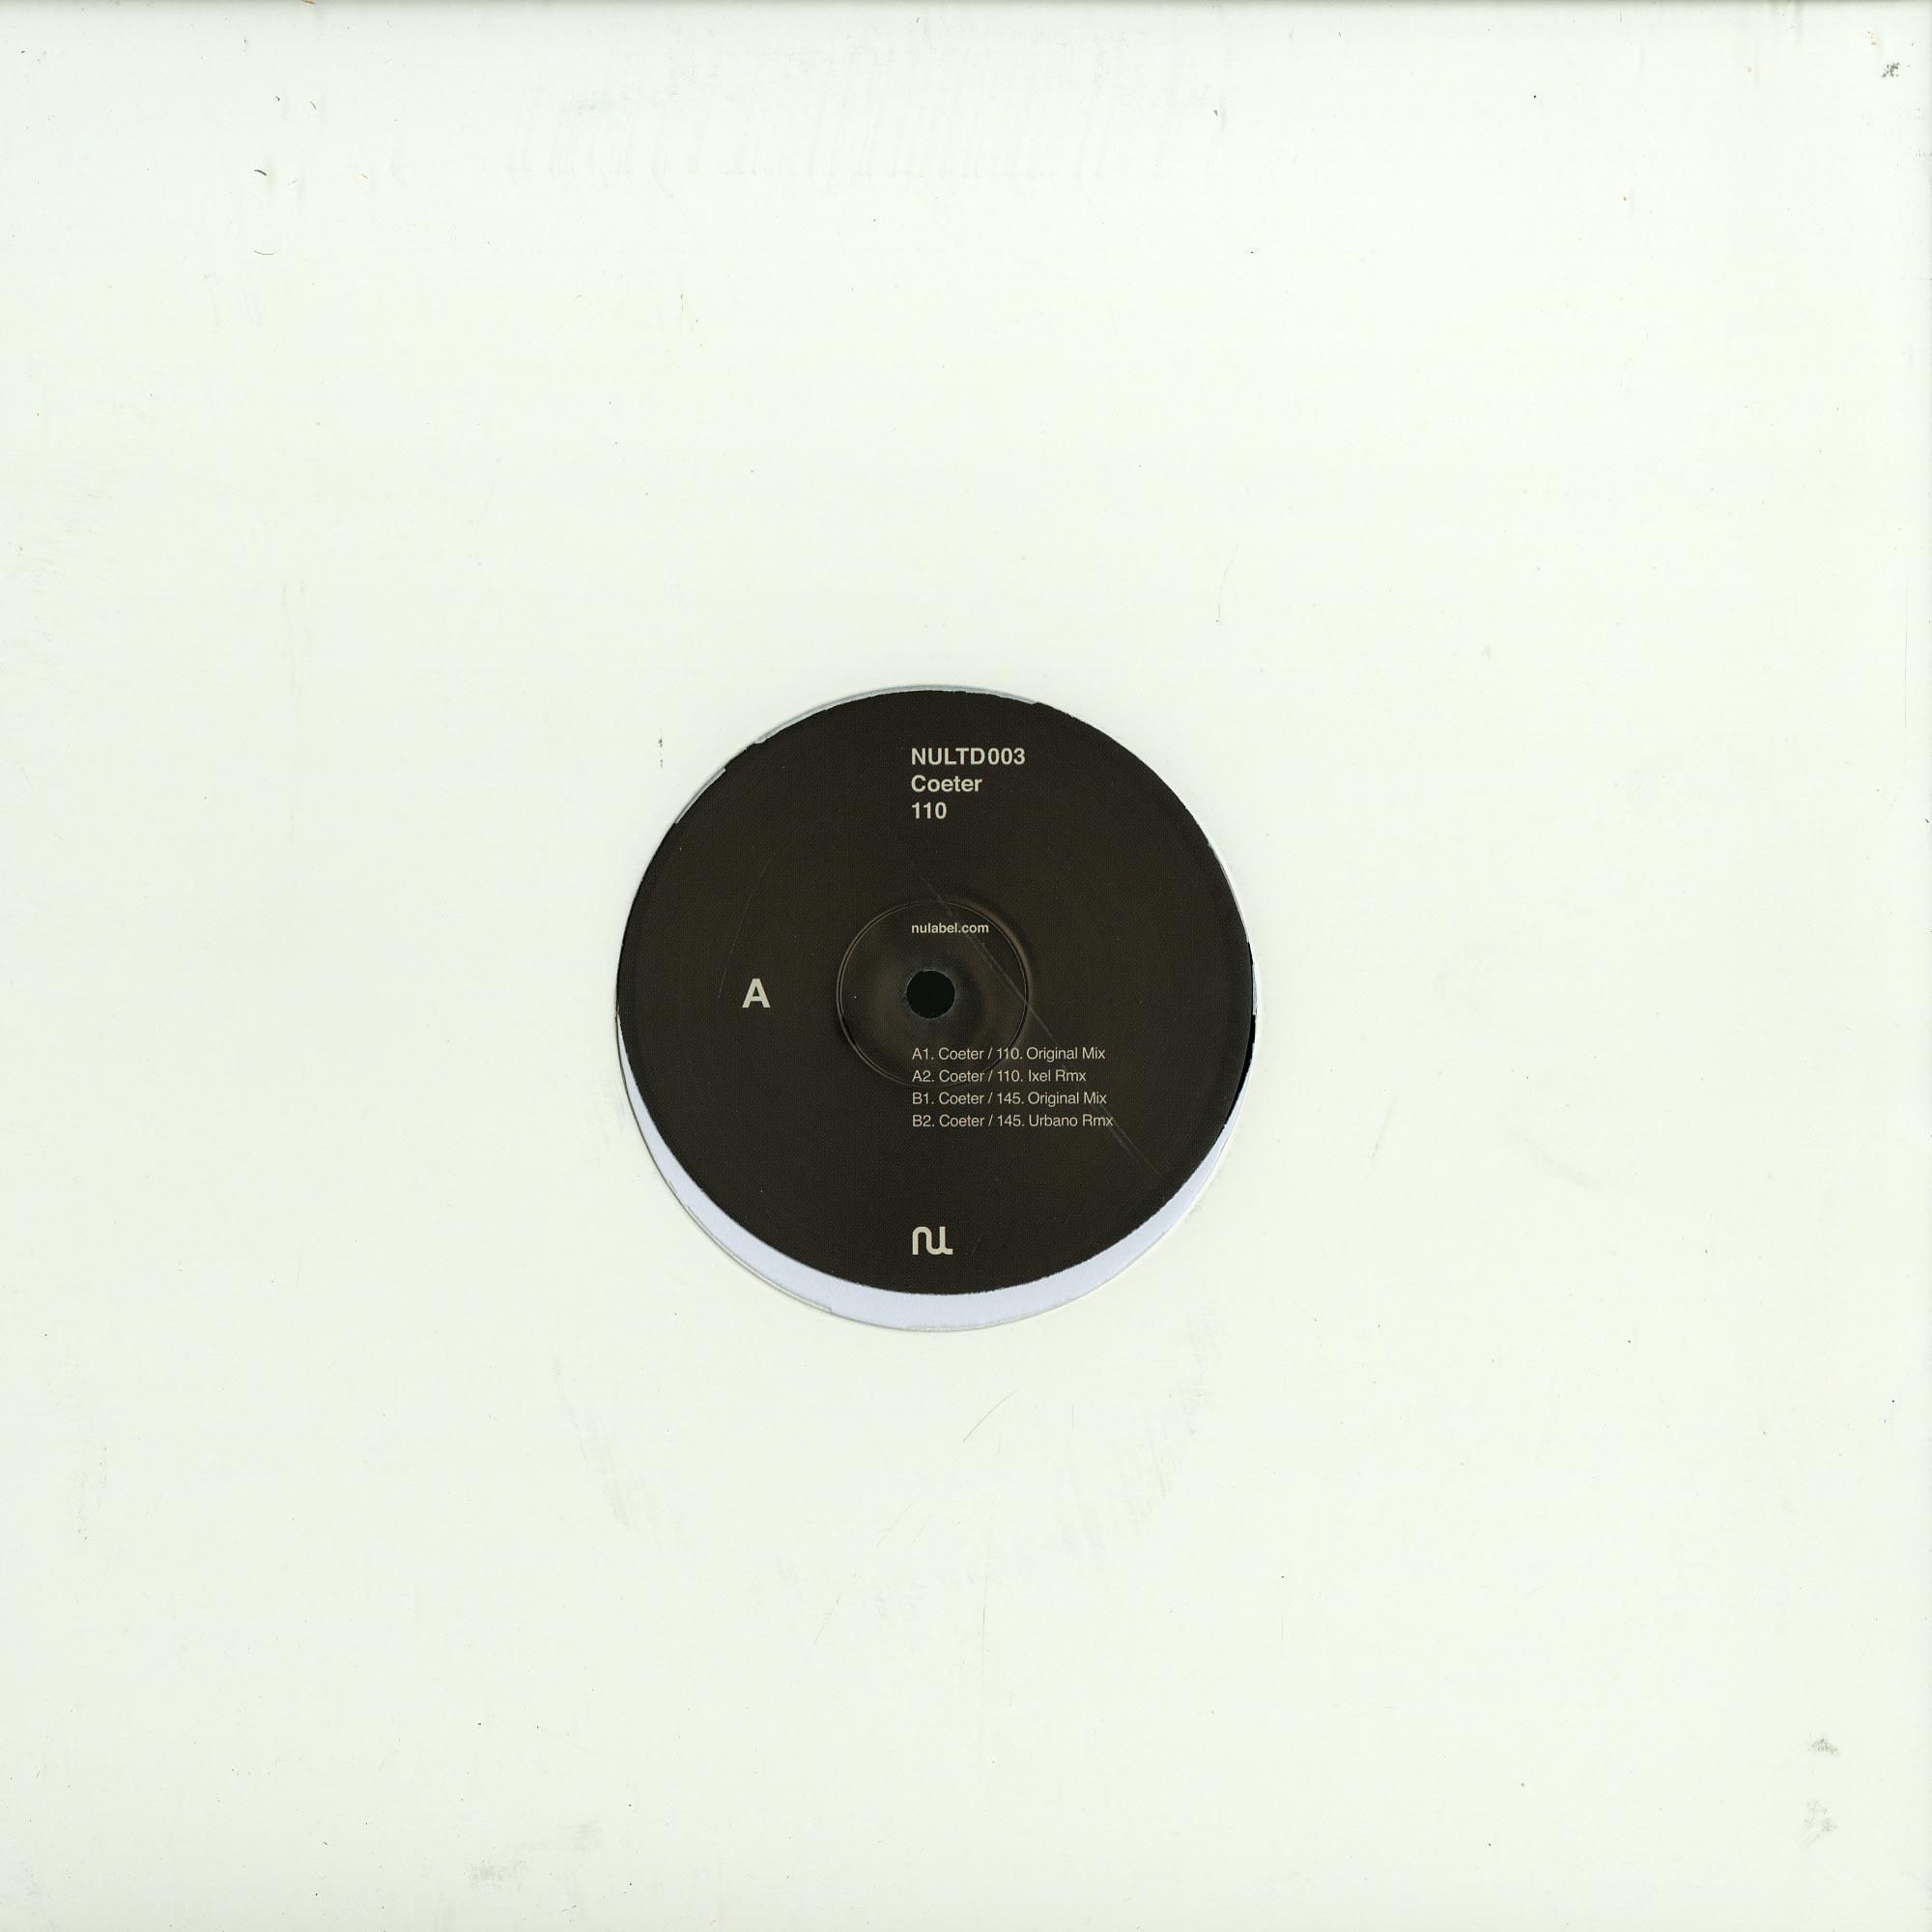 Coeter One - 110 EP